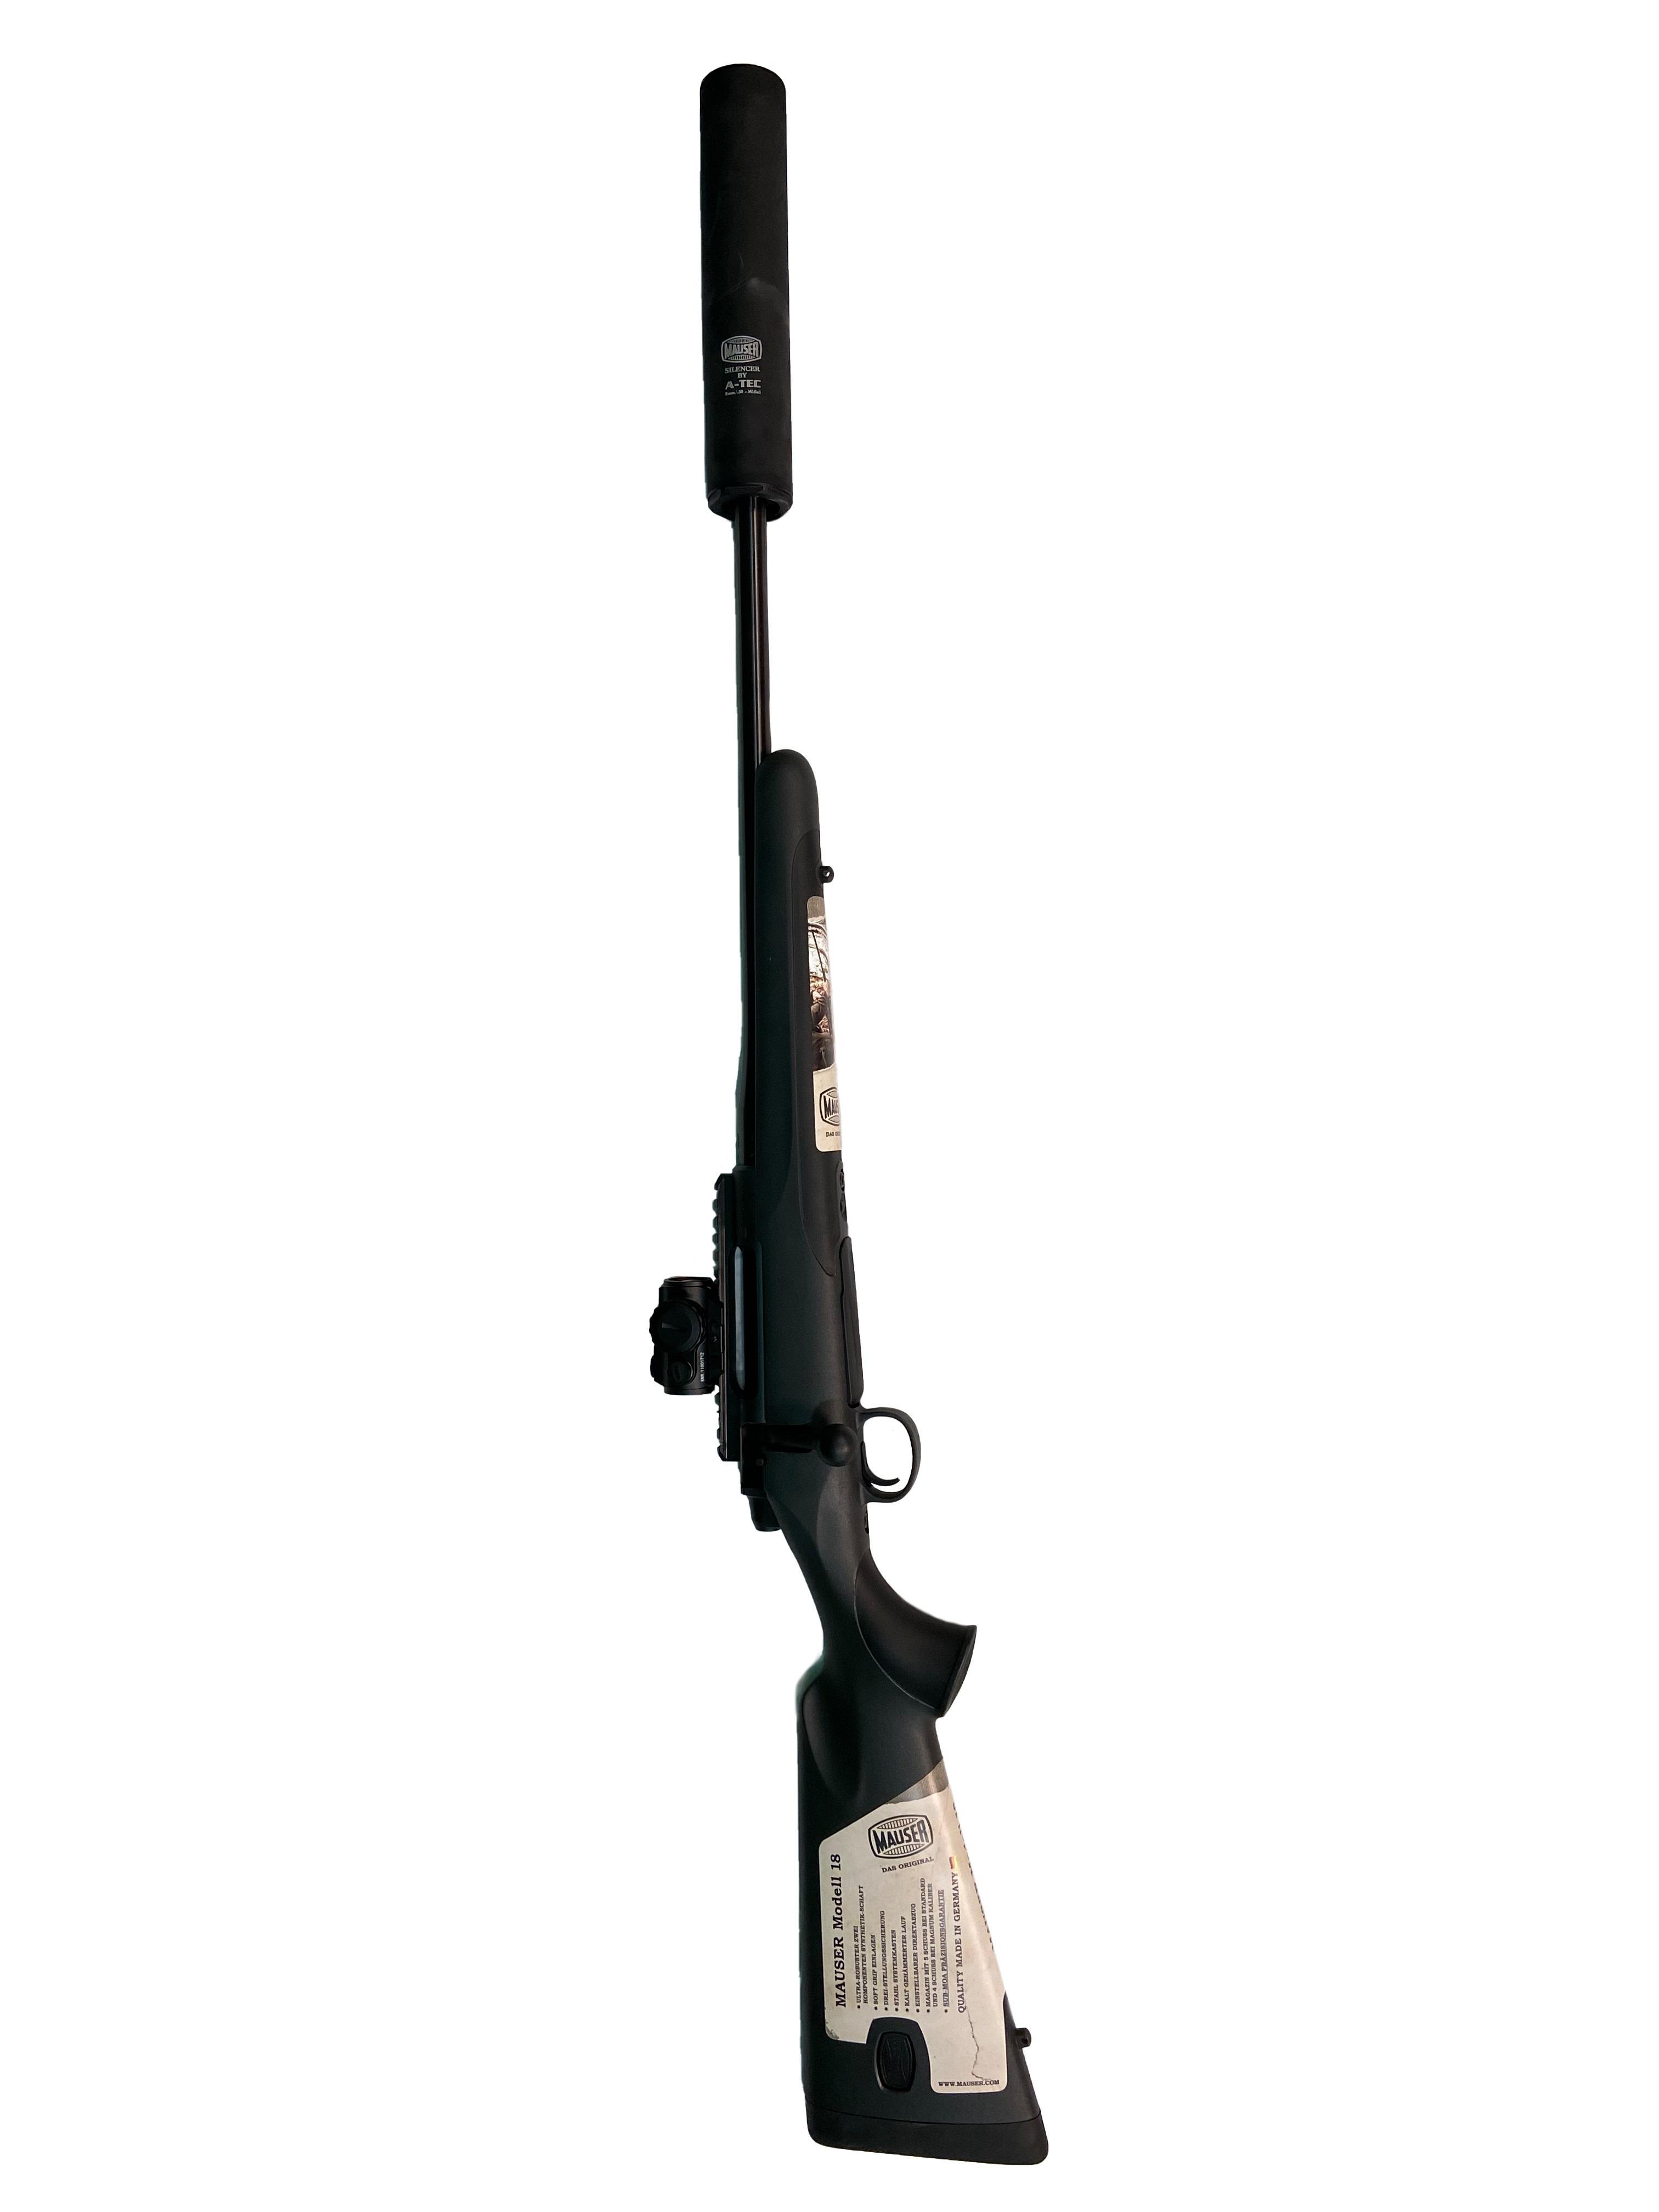 Mauser M18 Drückjagd-Paket